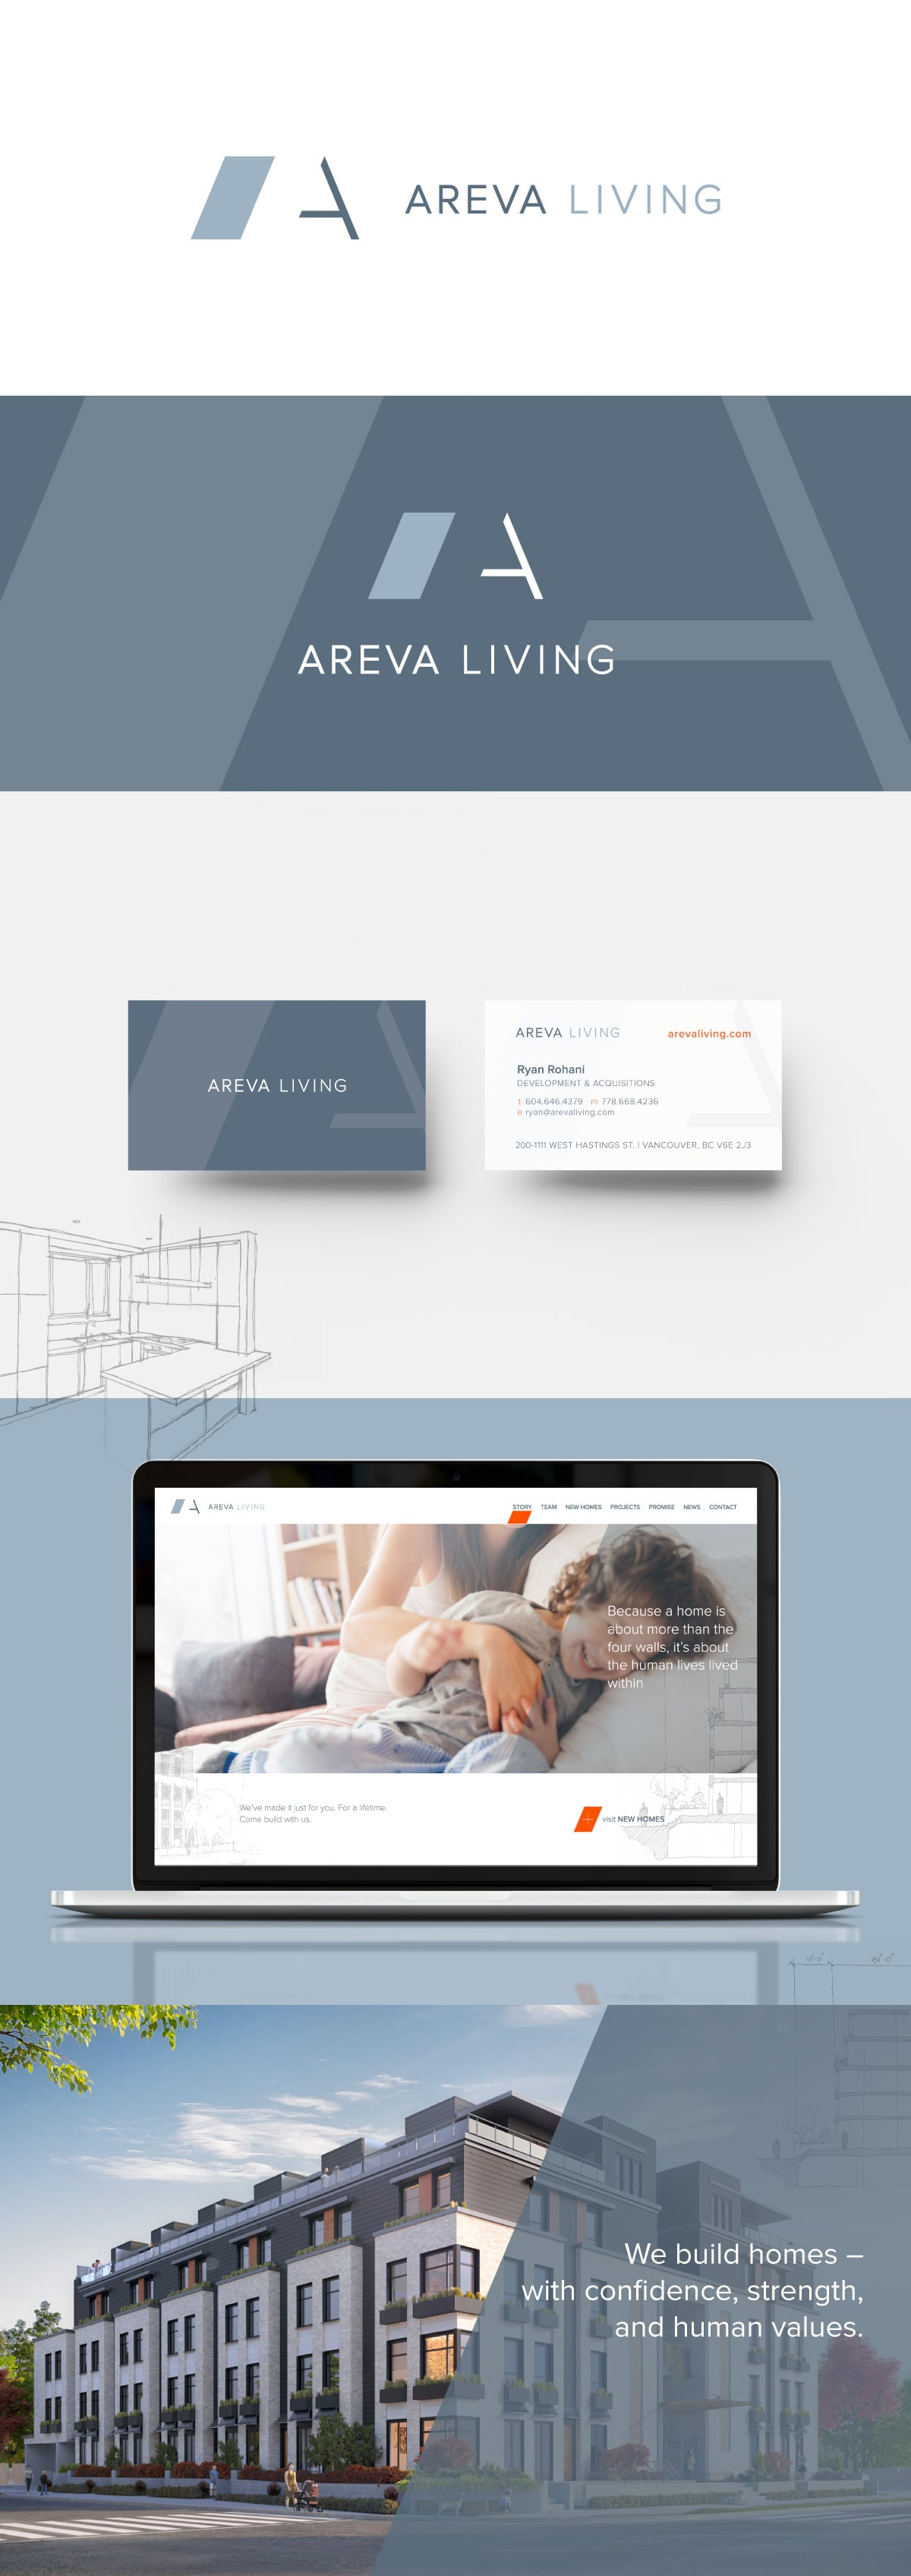 Areva Living brand and website